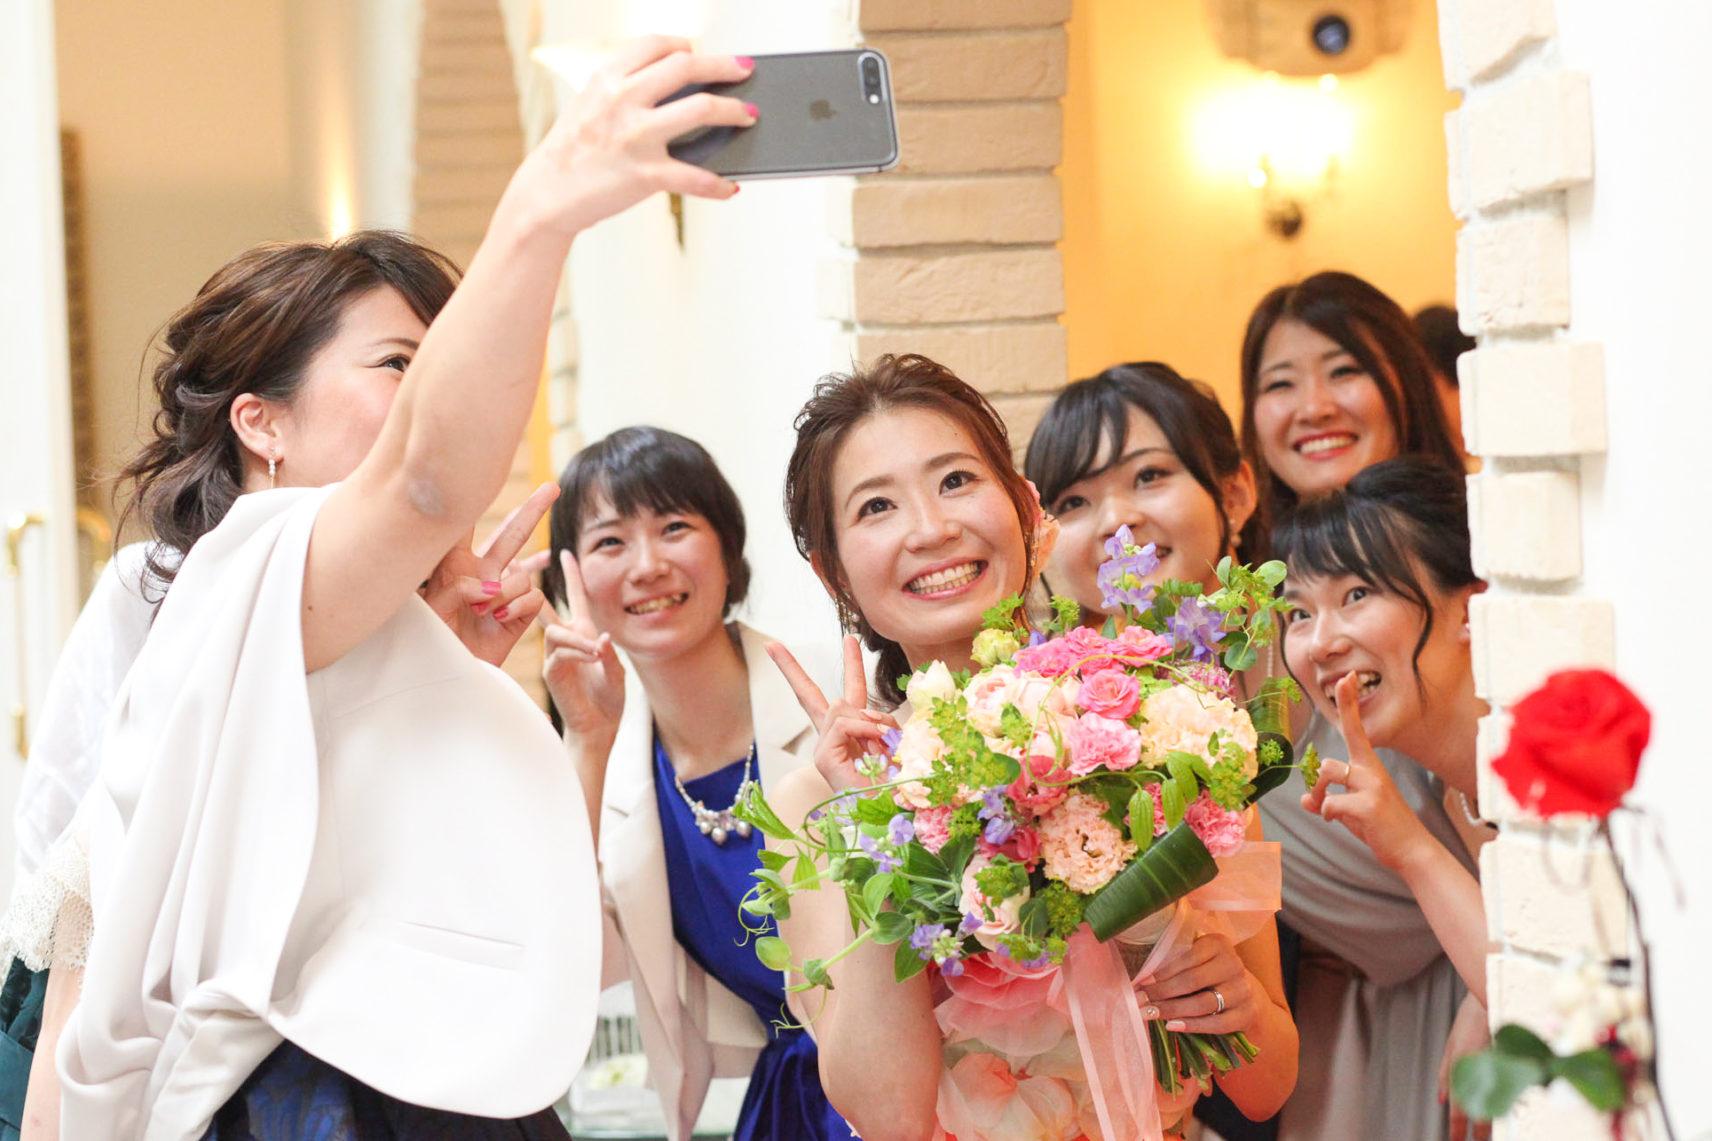 ゲストとの写真や会話を楽しむ wedding party 福山市のチャペル結婚